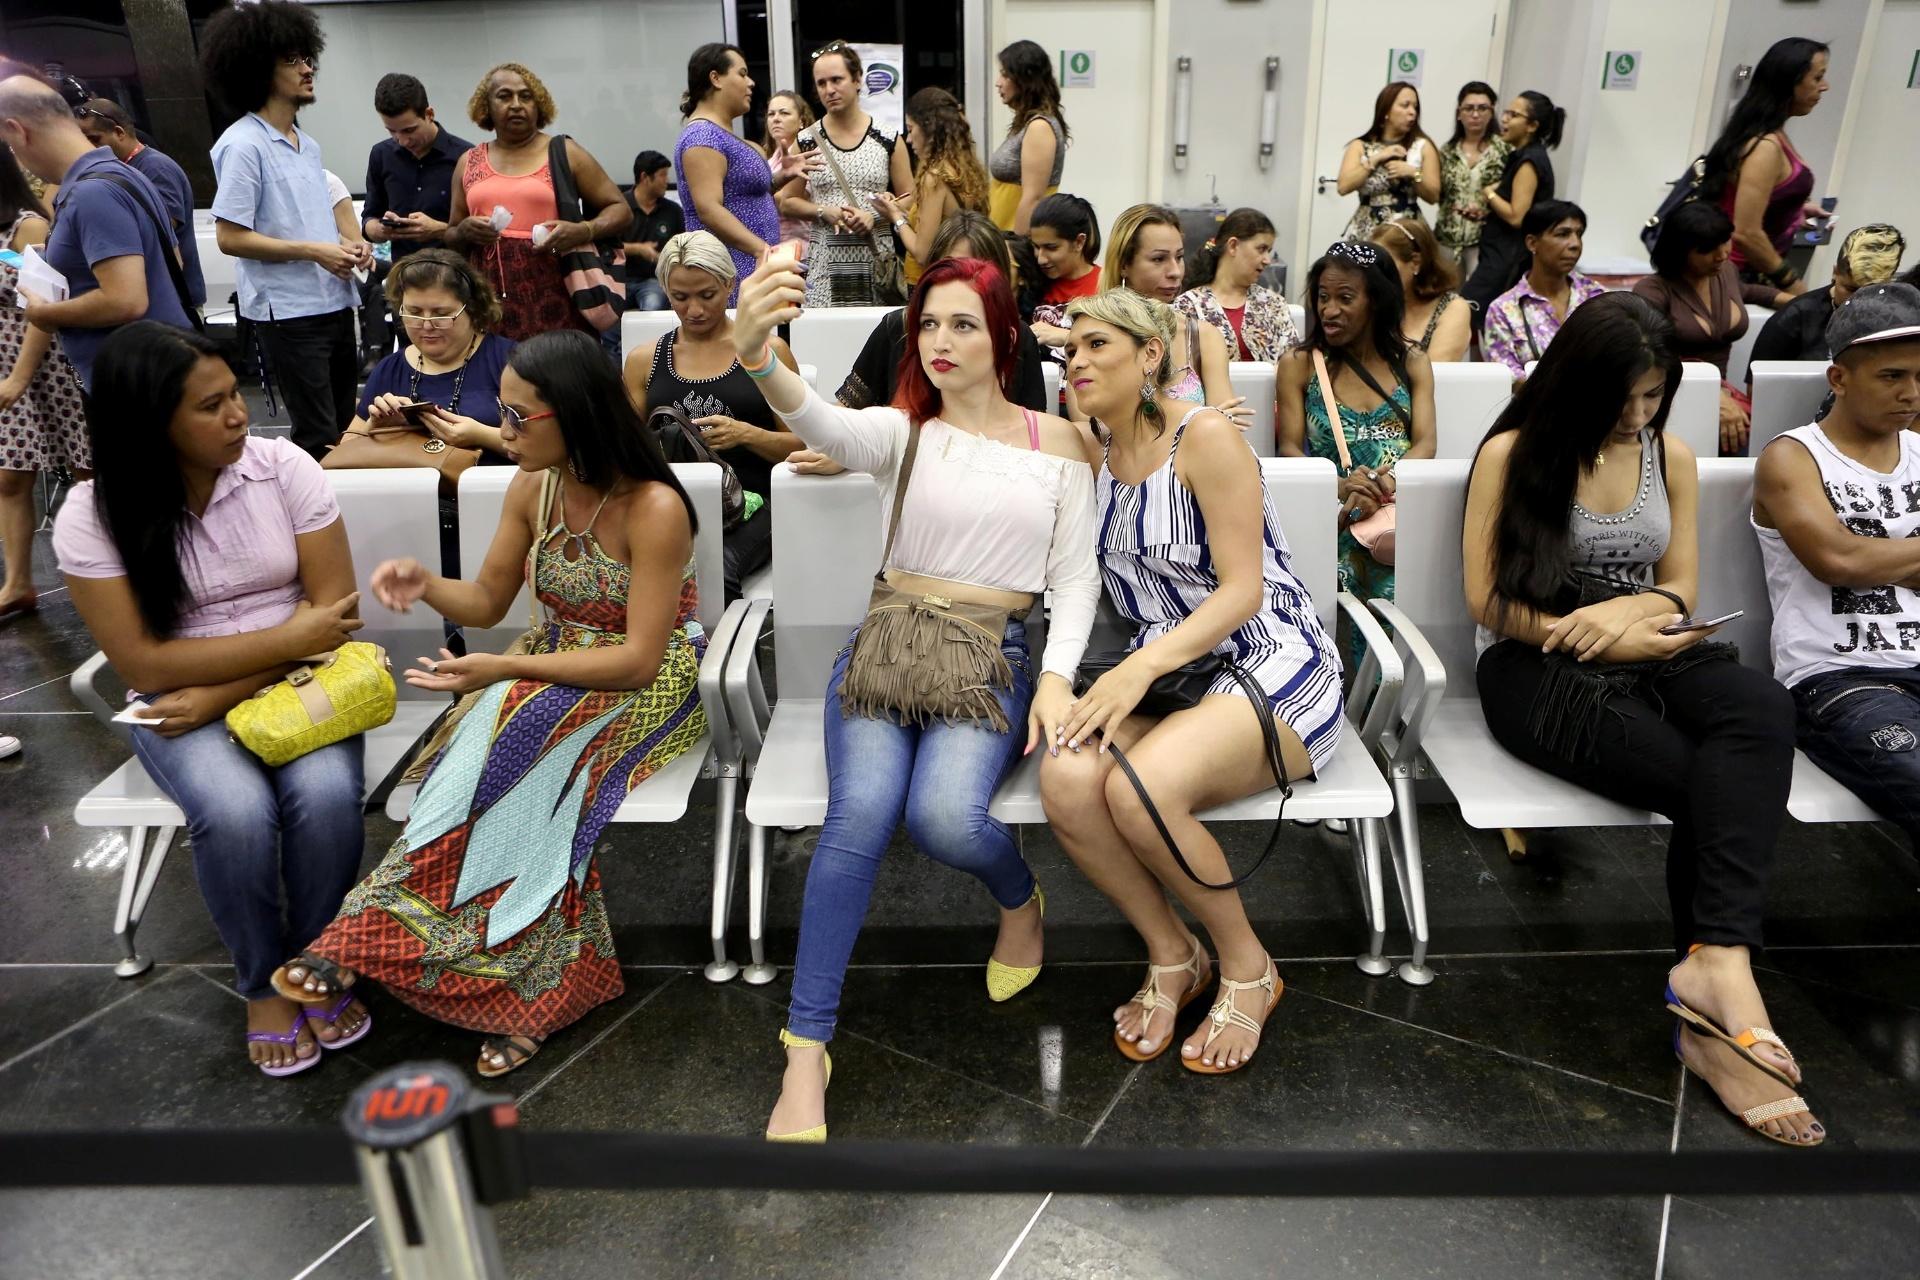 9.dez.2016 - Grupo de transexuais e travestis participa de ação judicial conjunta para retificar o nome no registro civil, na Defensoria Pública do Estado de São Paulo, na capital paulista. Cerca de 30 entregaram documentos